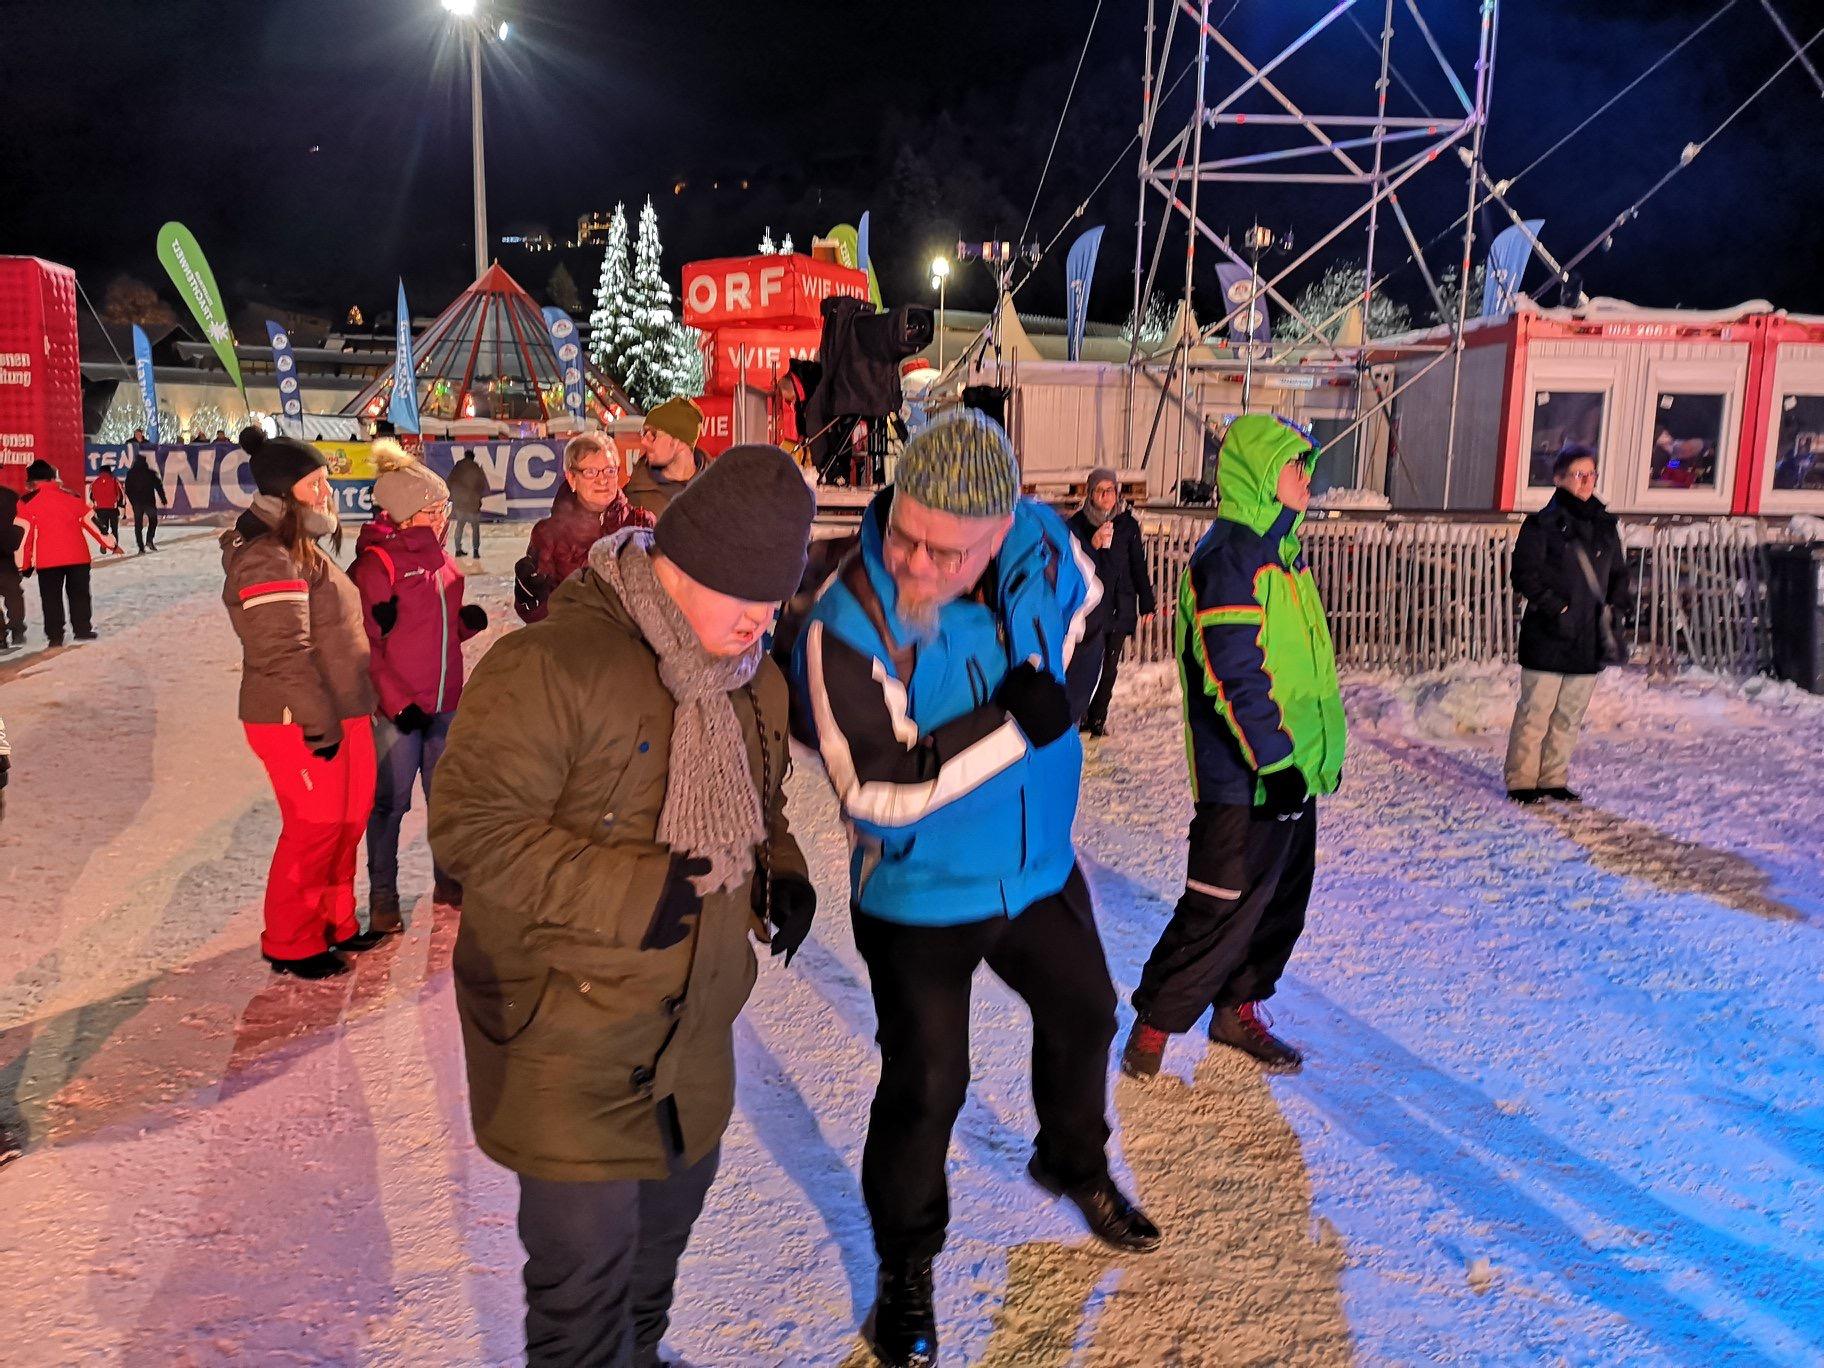 Winter Open Air Bad Kleinkirchheim Heinz mit Klientin beim Tanzen